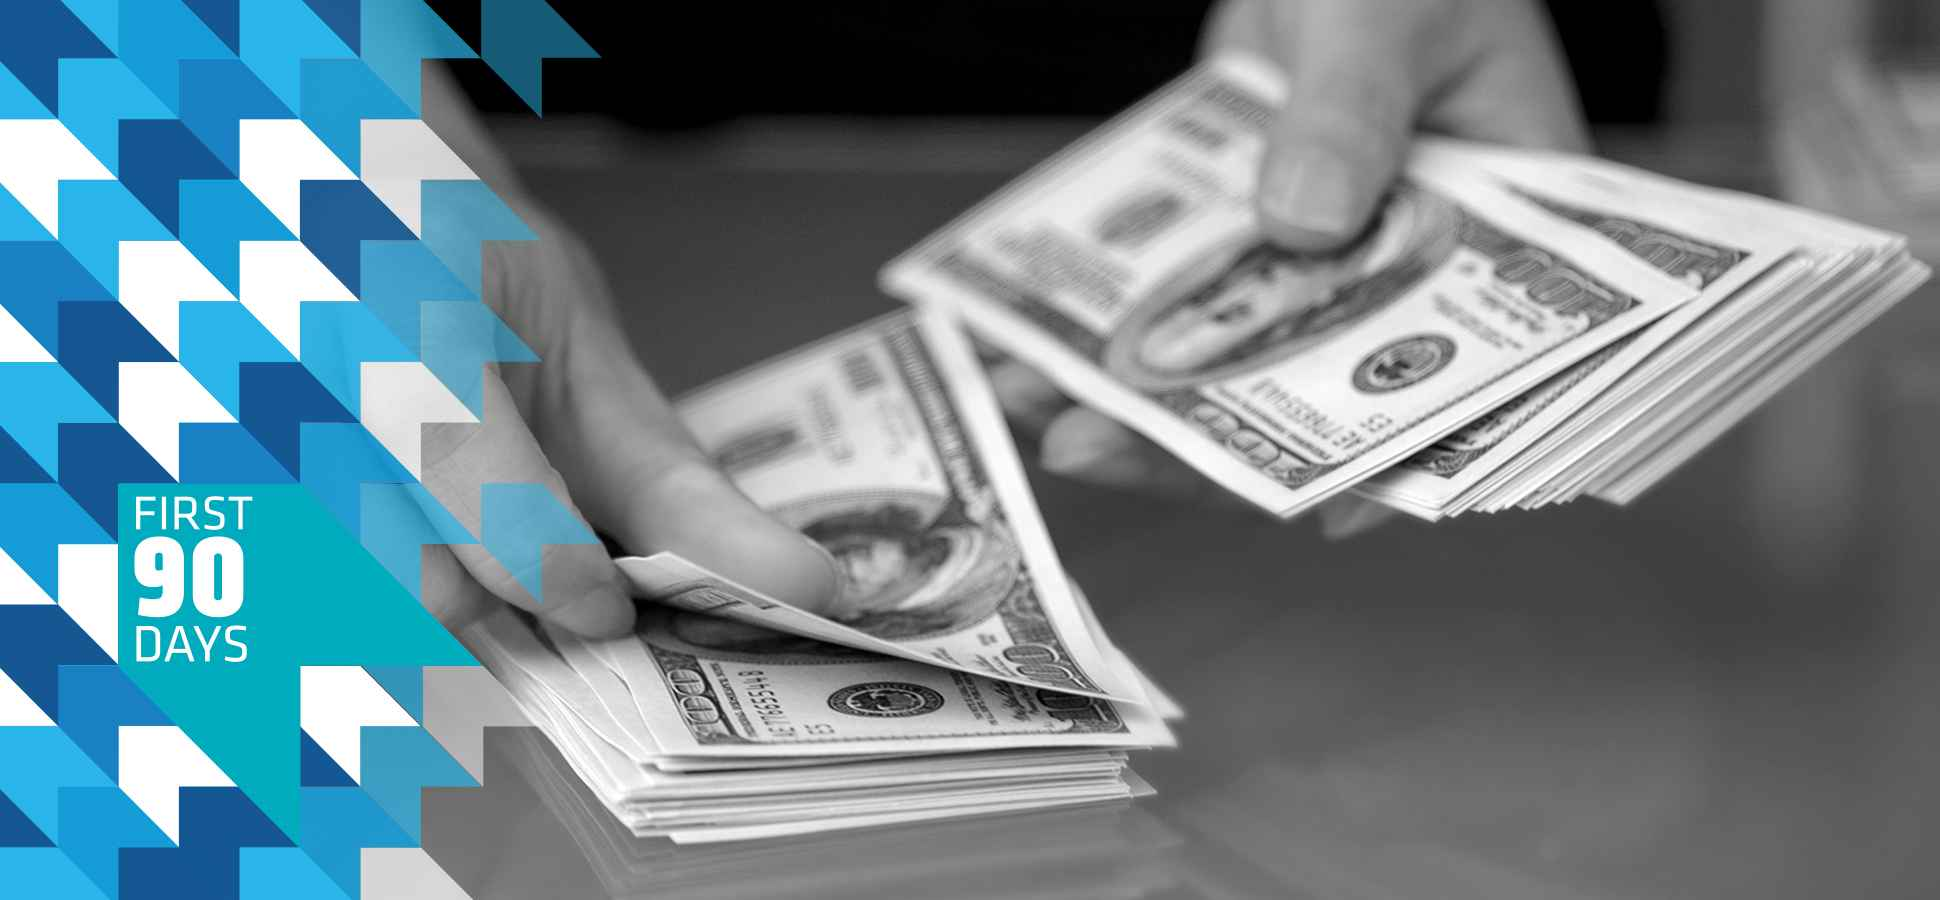 6 Money-Saving Secrets From Tony Robbins, Bill Gates, and Jeff Bezos